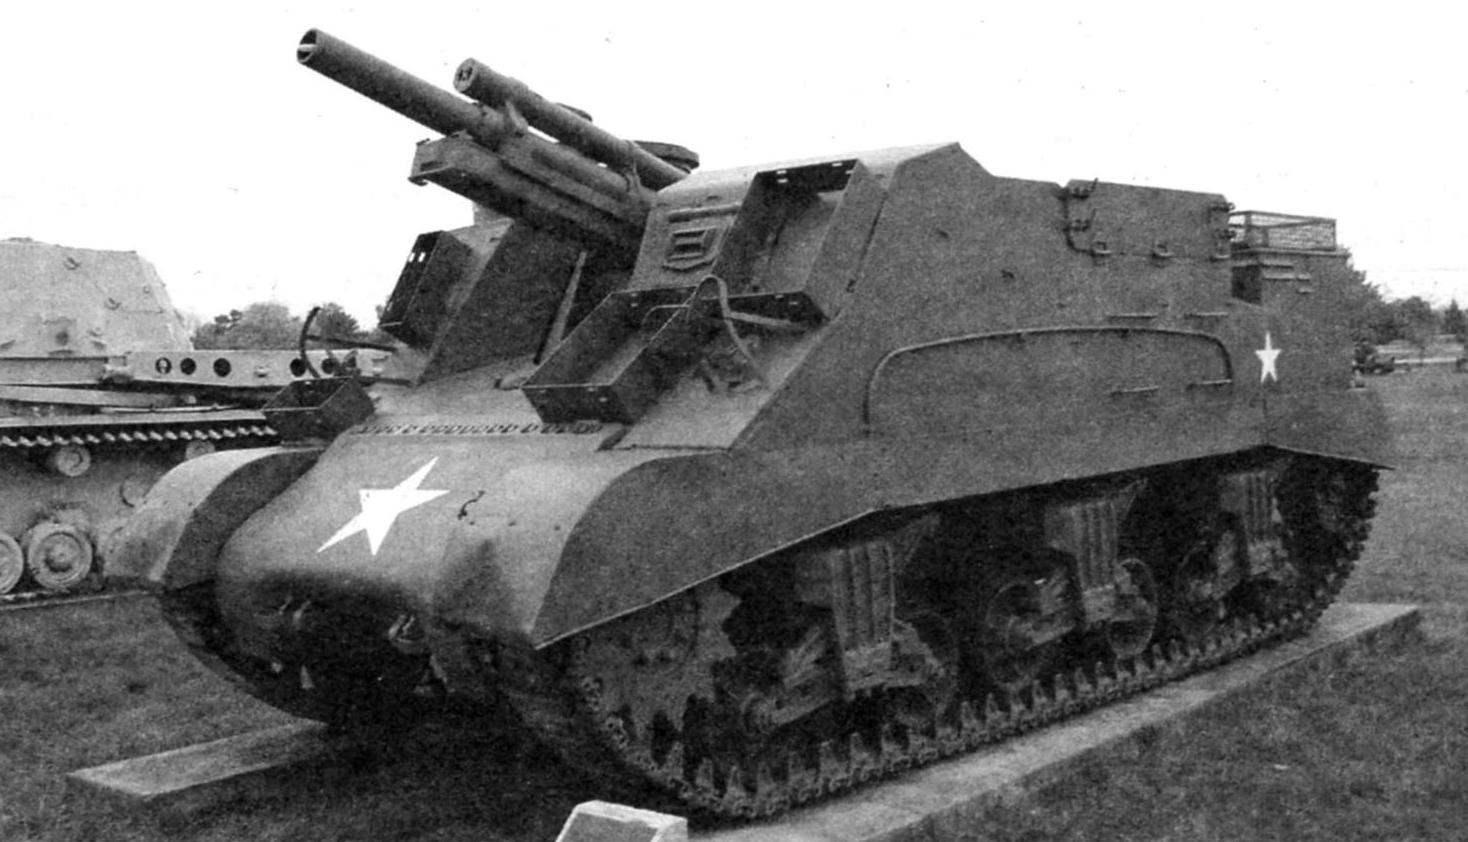 САУ «Прист» в экспозиции Музея вооружений армии США. Абердинский испытательный полигон. Штат Мэриленд, США